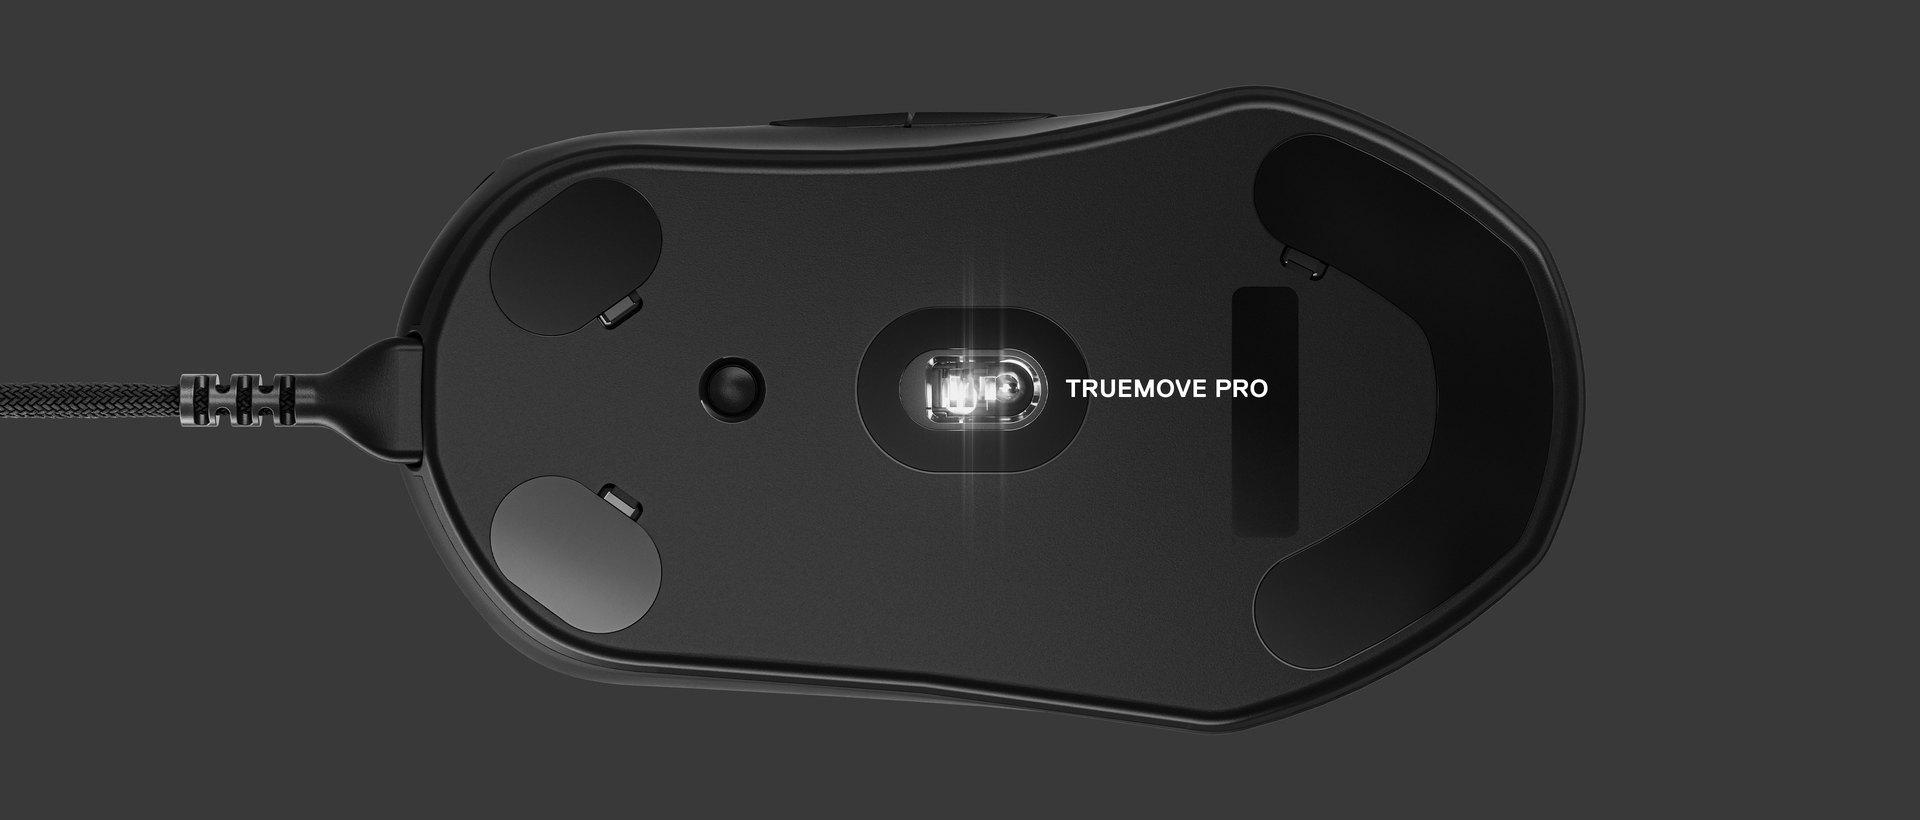 Vue du dessous de la souris avec une indication identifiant le capteur. Texte à droite: TrueMove Pro.